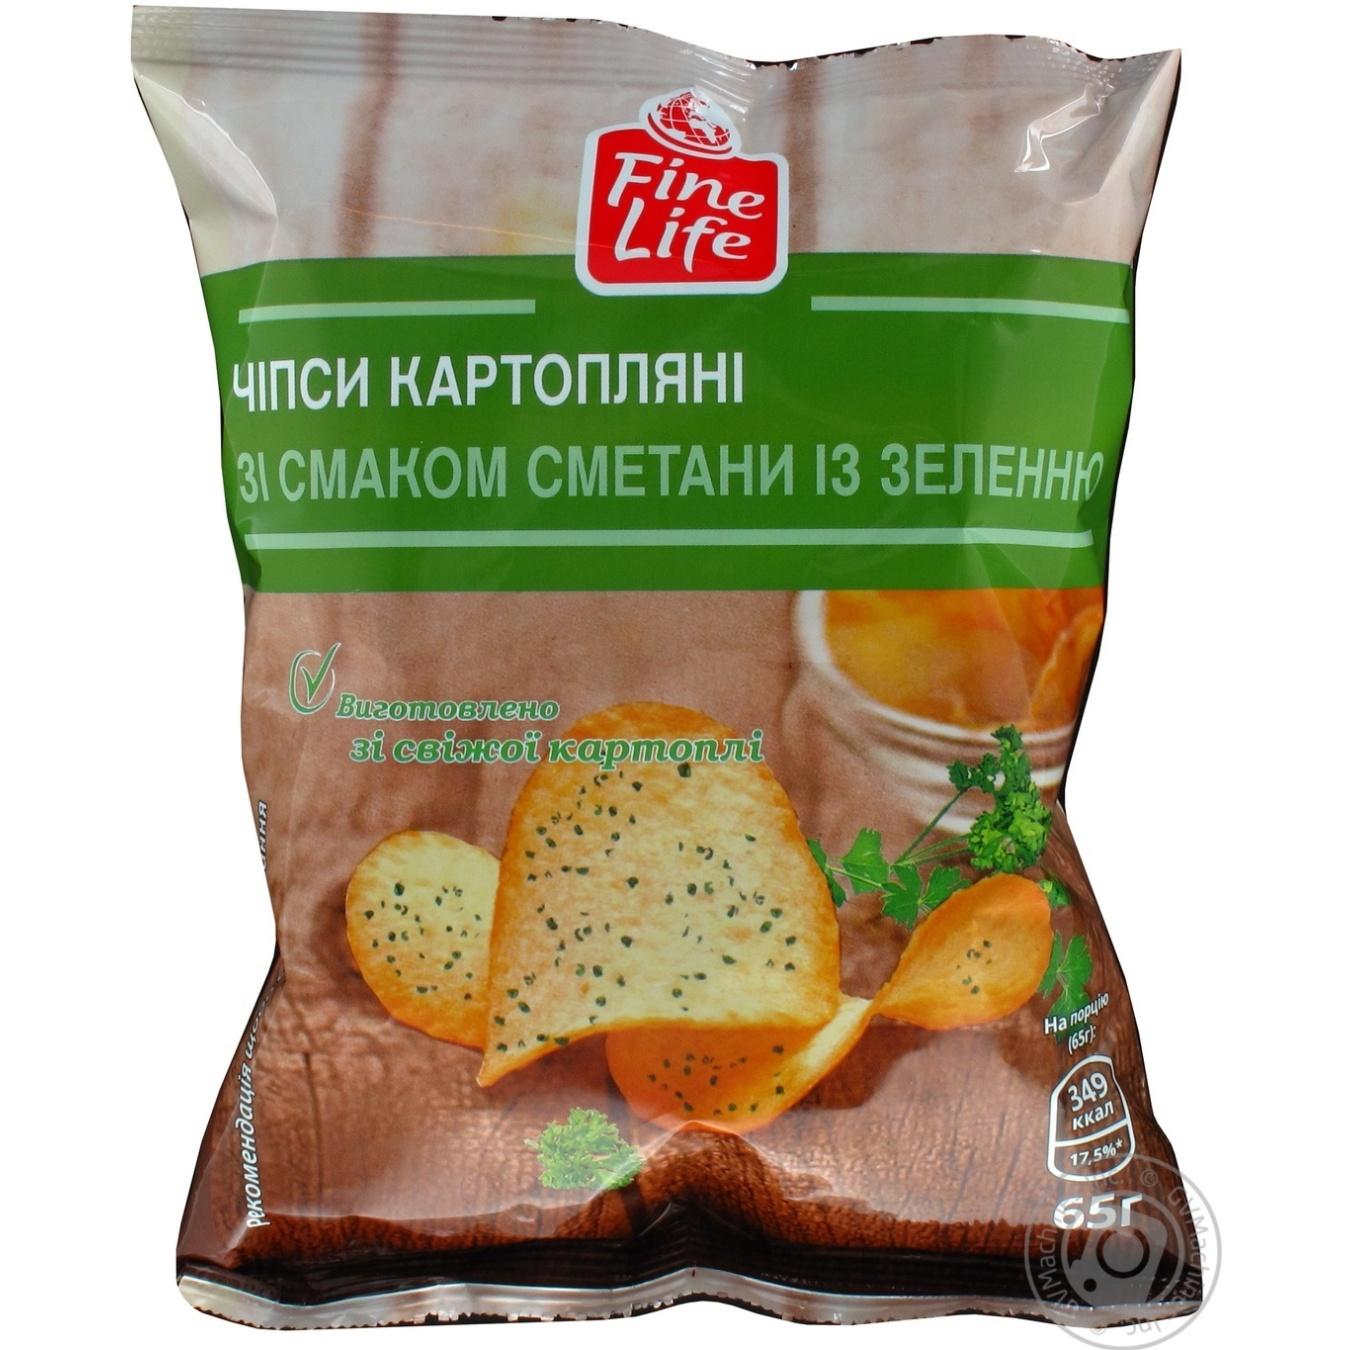 Купить Чипсы Fine Life картофельные со вкусом сметаны с зеленью 65г